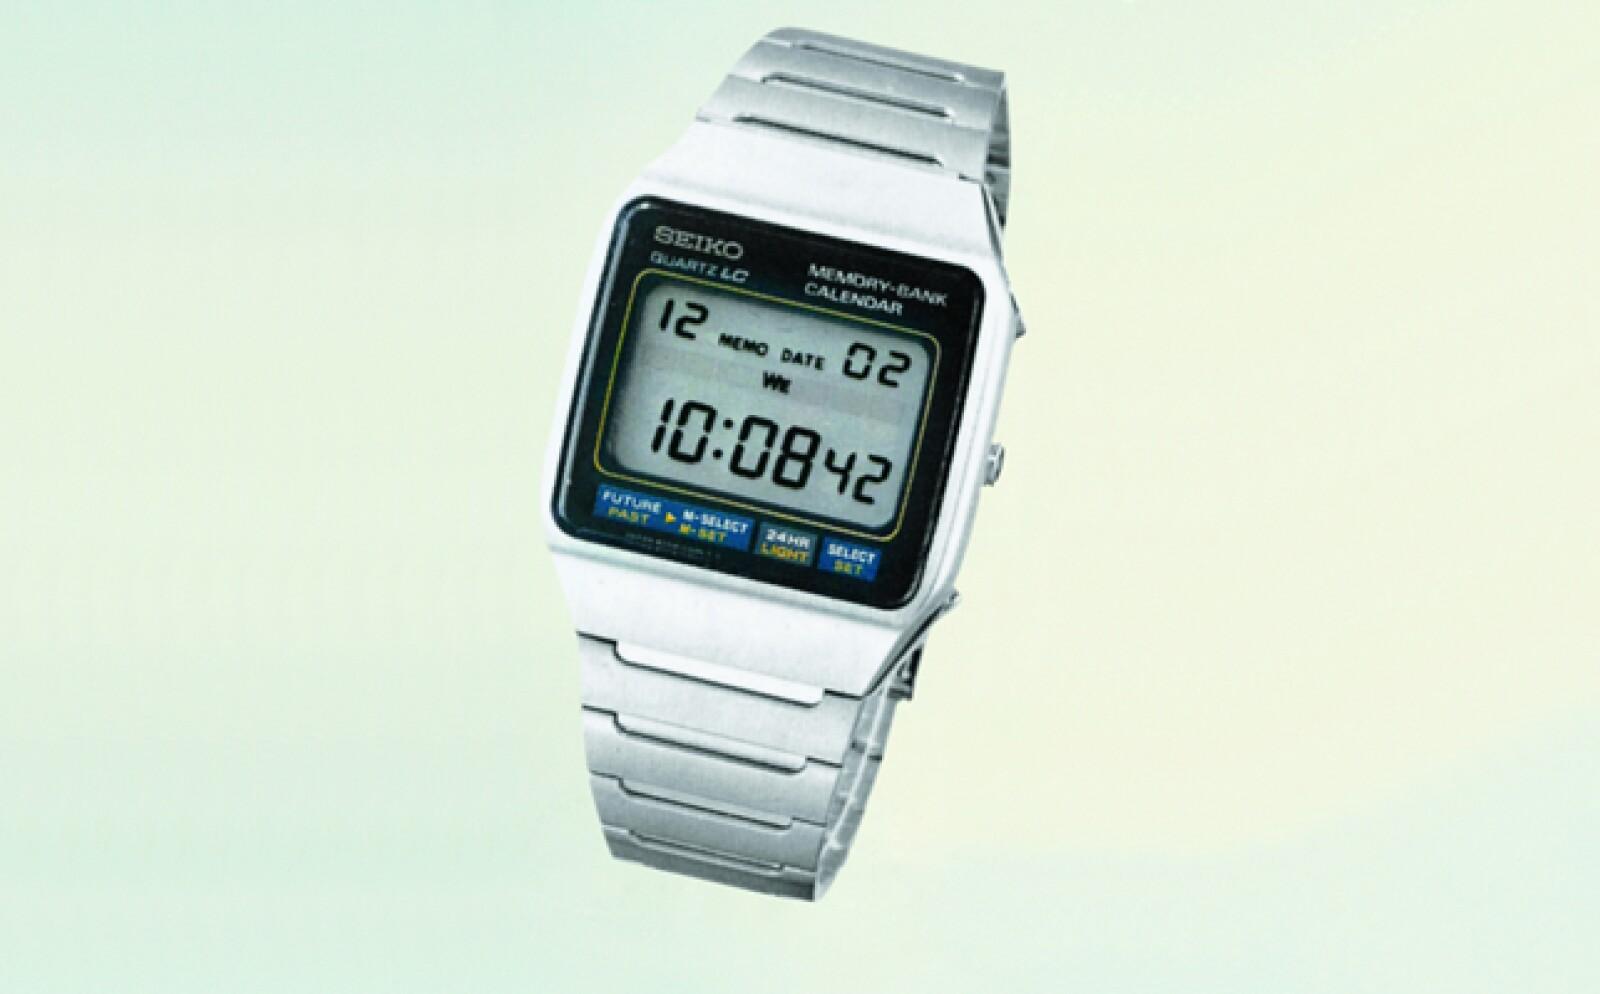 En Moonraker (1979) Bond aprovecha no sólo la precisión de su reloj a cuarzo, sino el compartimento secreto con explosivos.